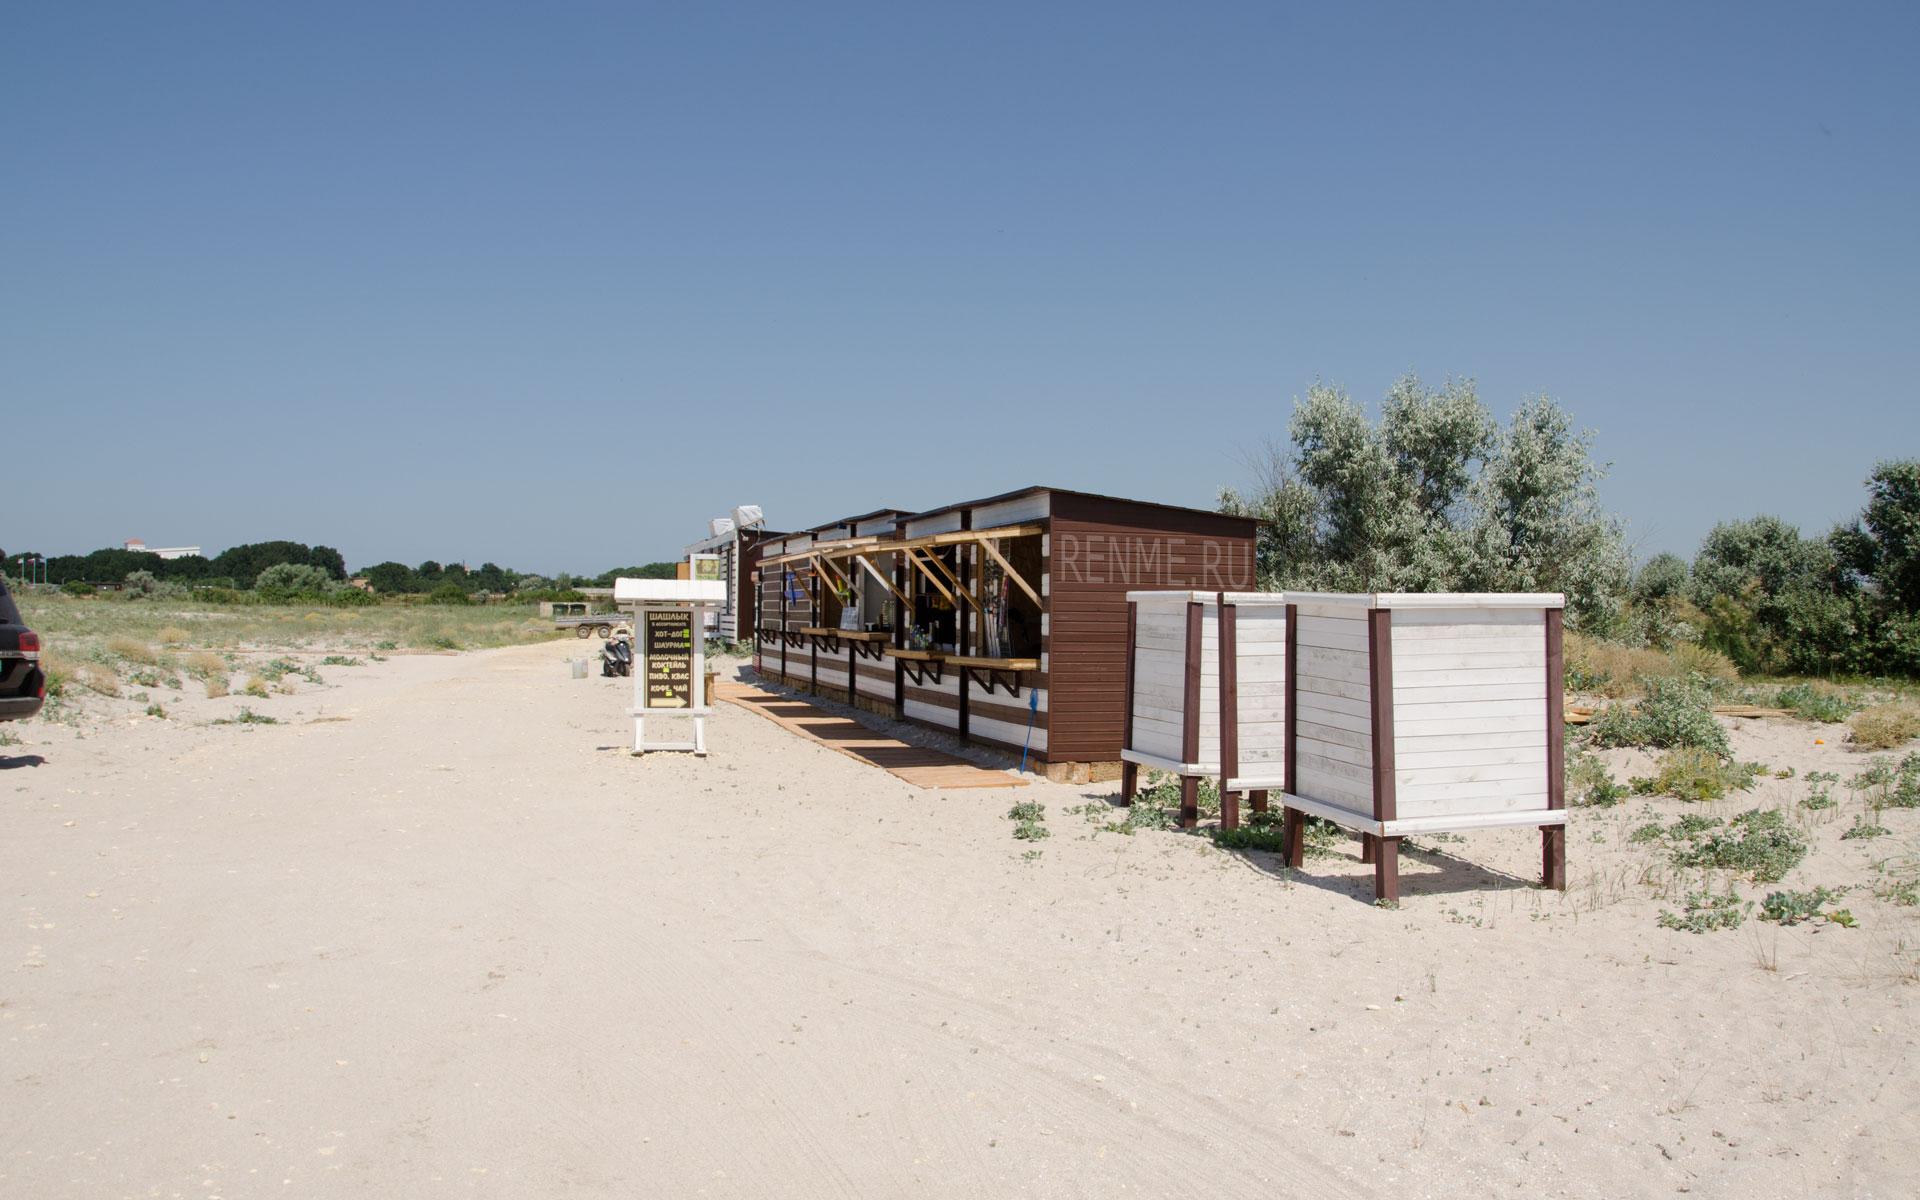 Пляжный сервис. Фото Оленевки